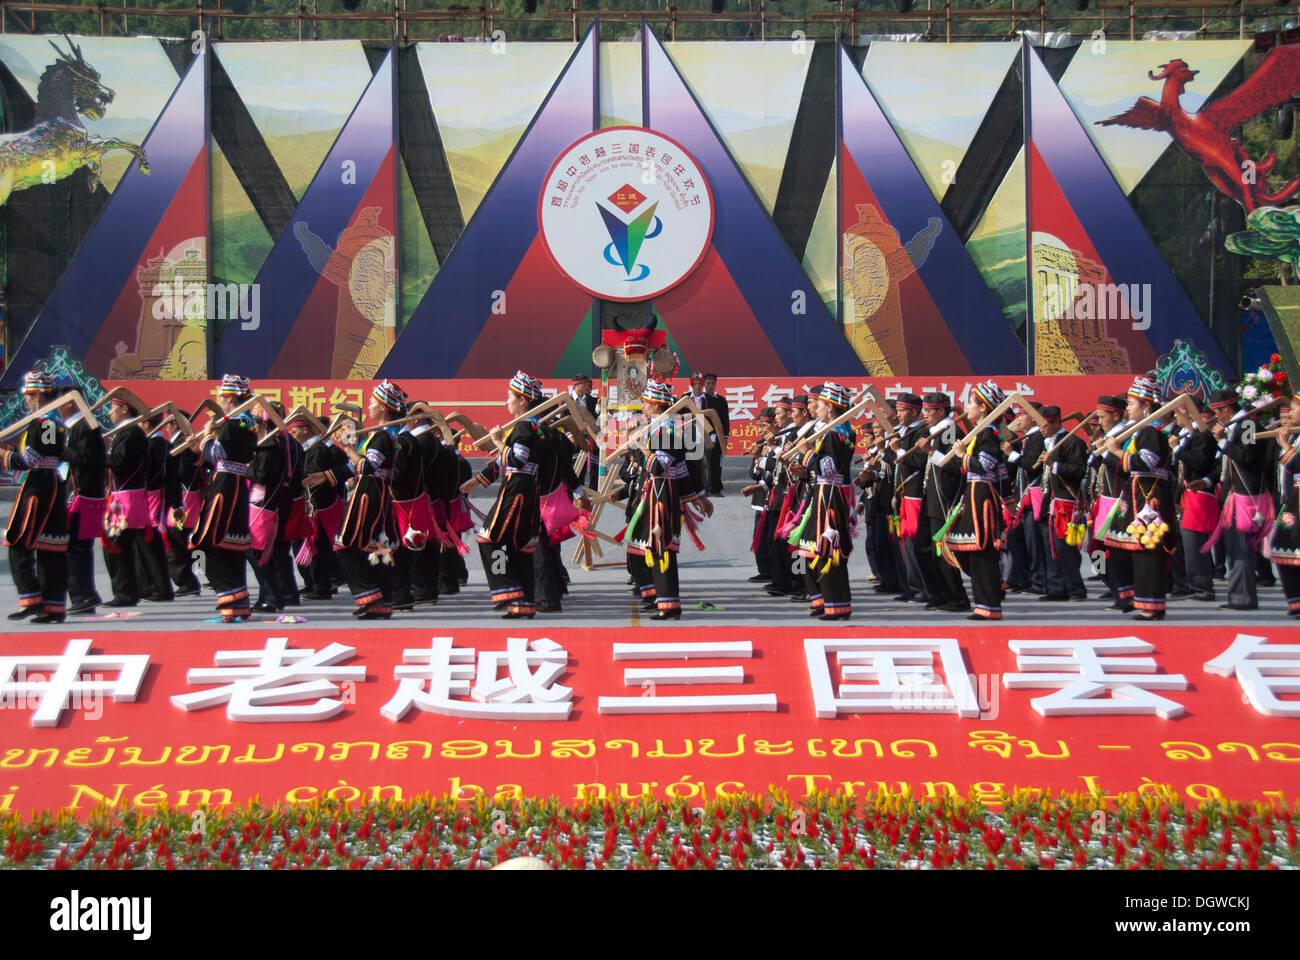 Danza de las minorías étnicas durante un festival, Jiangcheng, Pu'er Ciudad, Provincia de Yunnan, República Popular de China Imagen De Stock